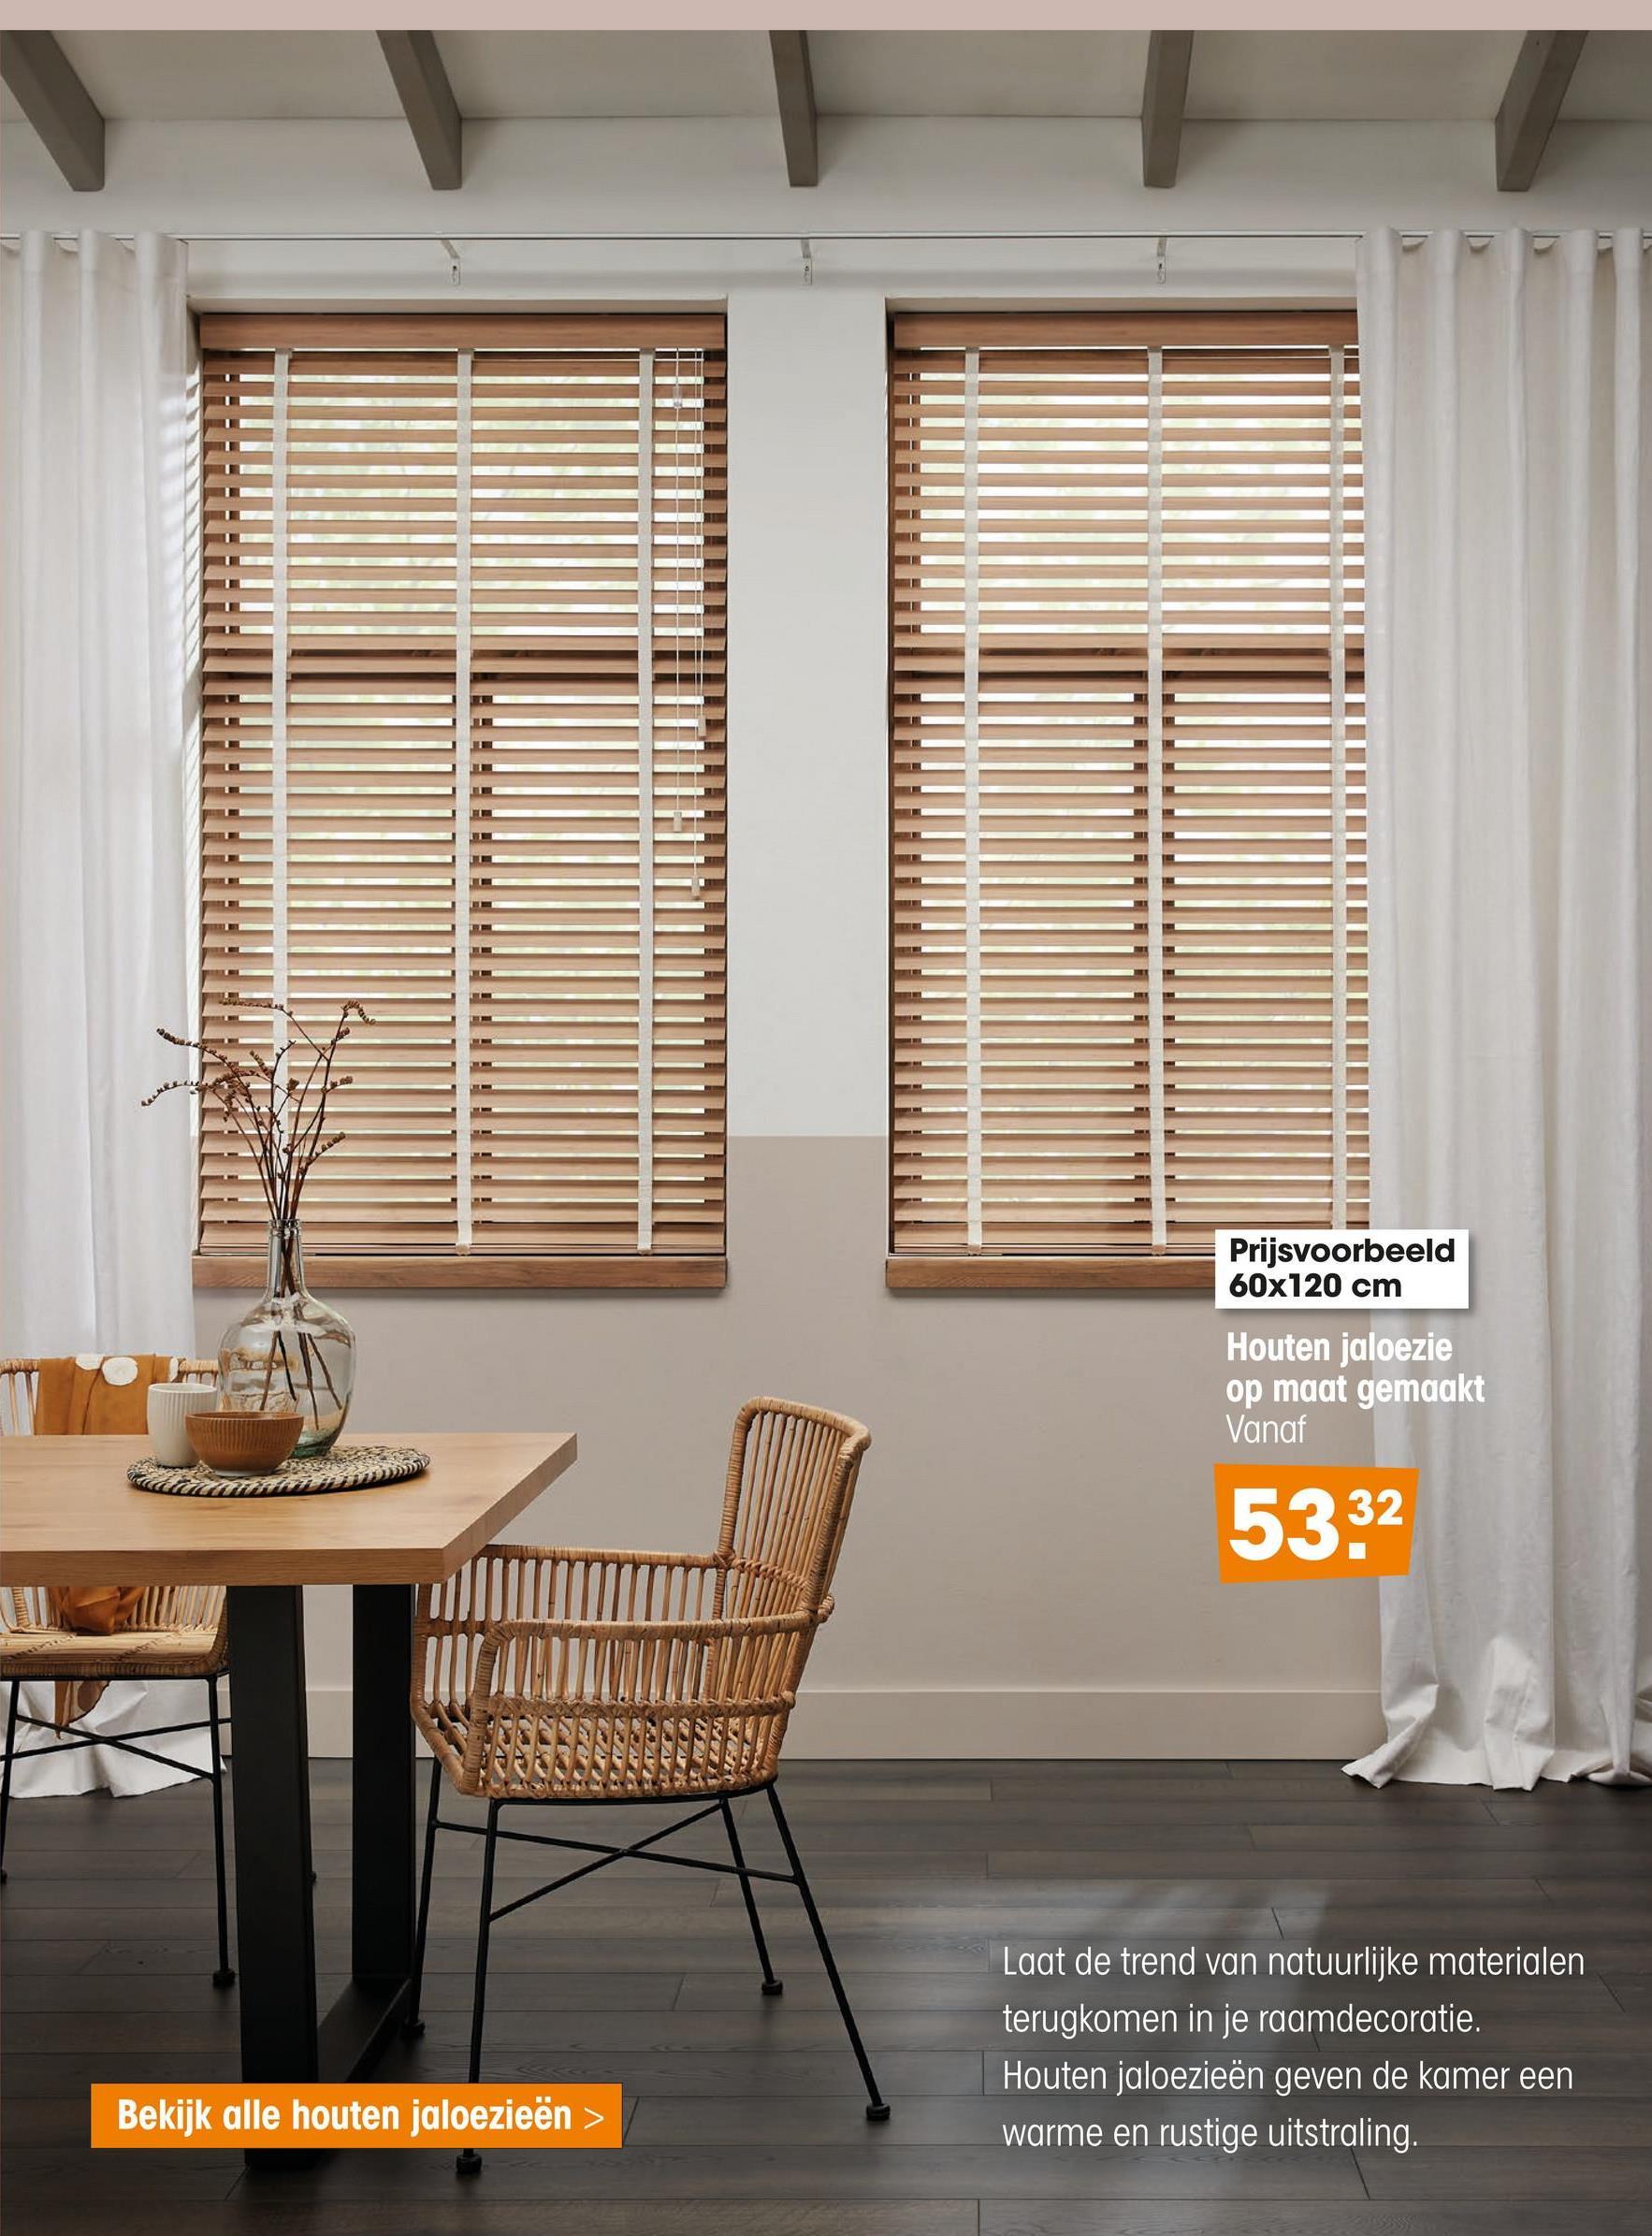 Prijsvoorbeeld 60x120 cm Houten jaloezie op maat gemaakt Vanaf 5332 Laat de trend van natuurlijke materialen terugkomen in je raamdecoratie. Houten jaloezieën geven de kamer een warme en rustige uitstraling. Bekijk alle houten jaloezieën >